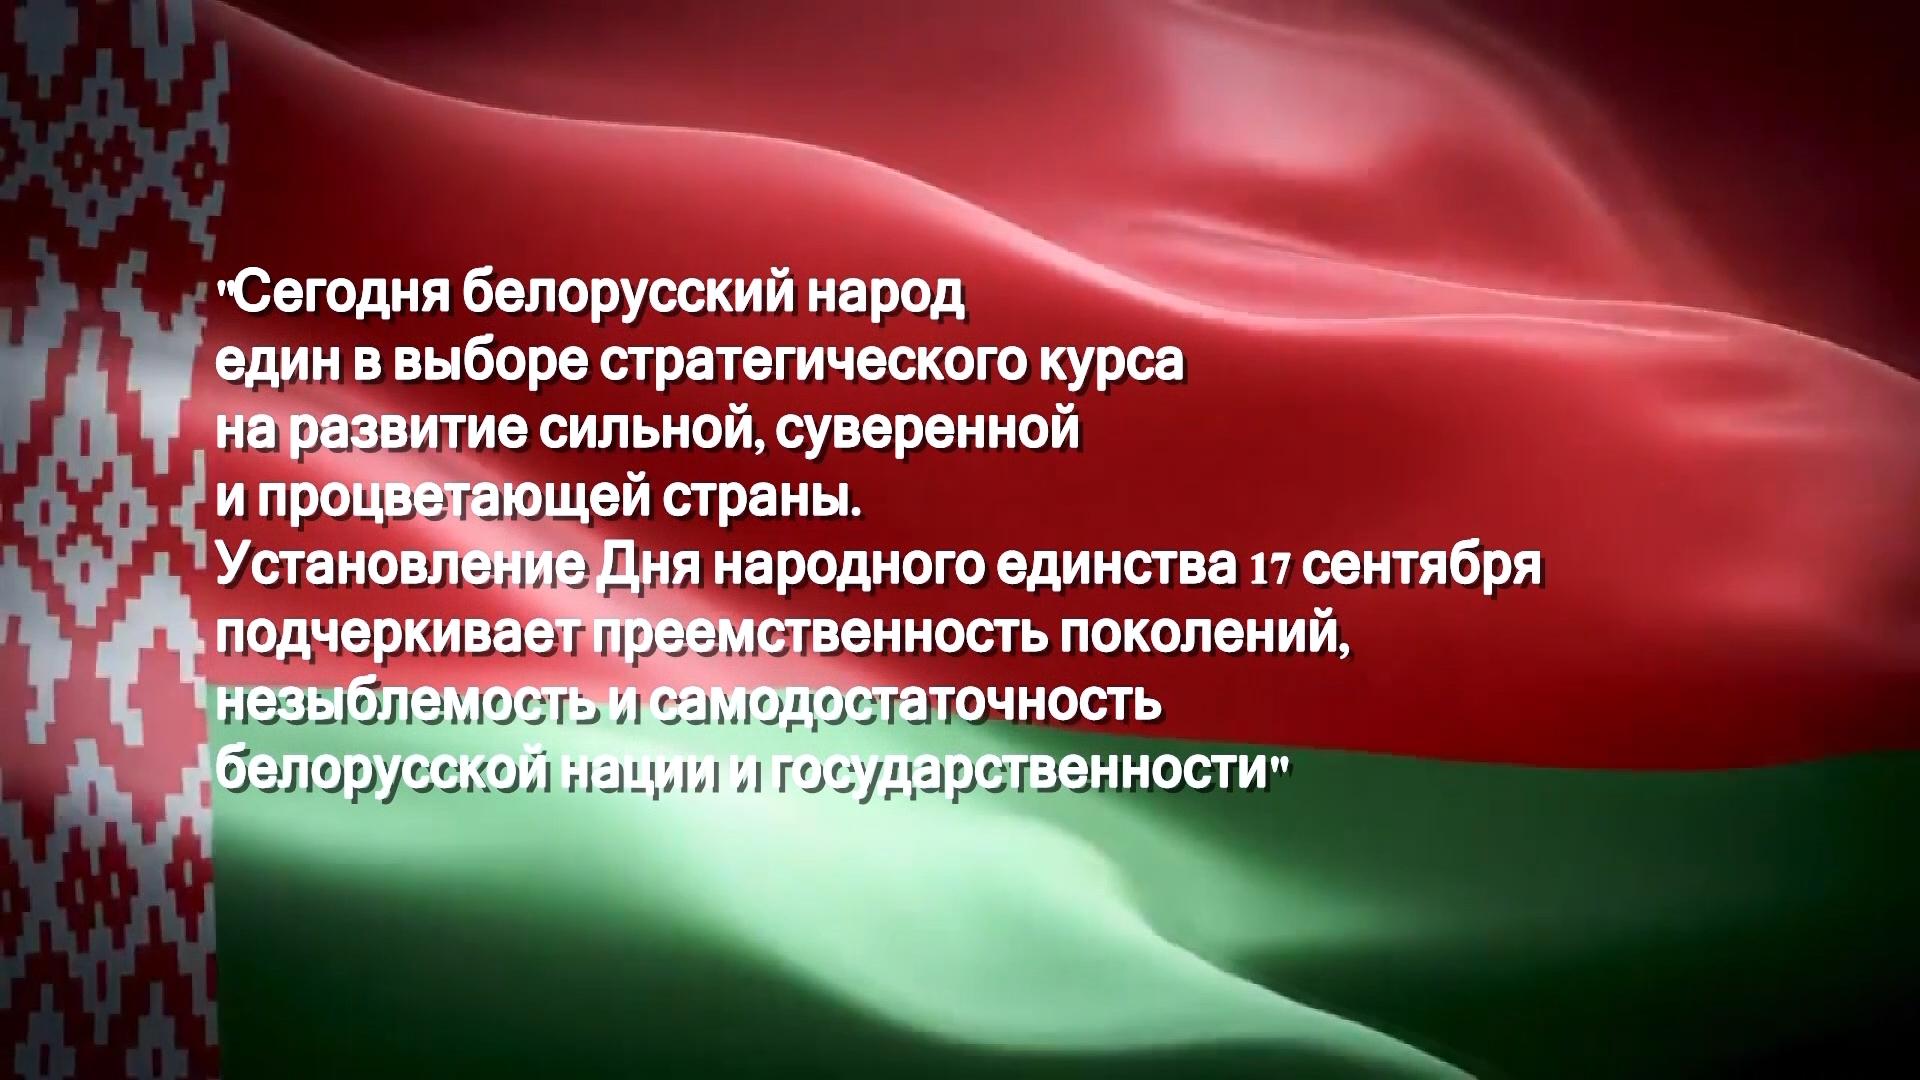 17-е сентября - День народного единства